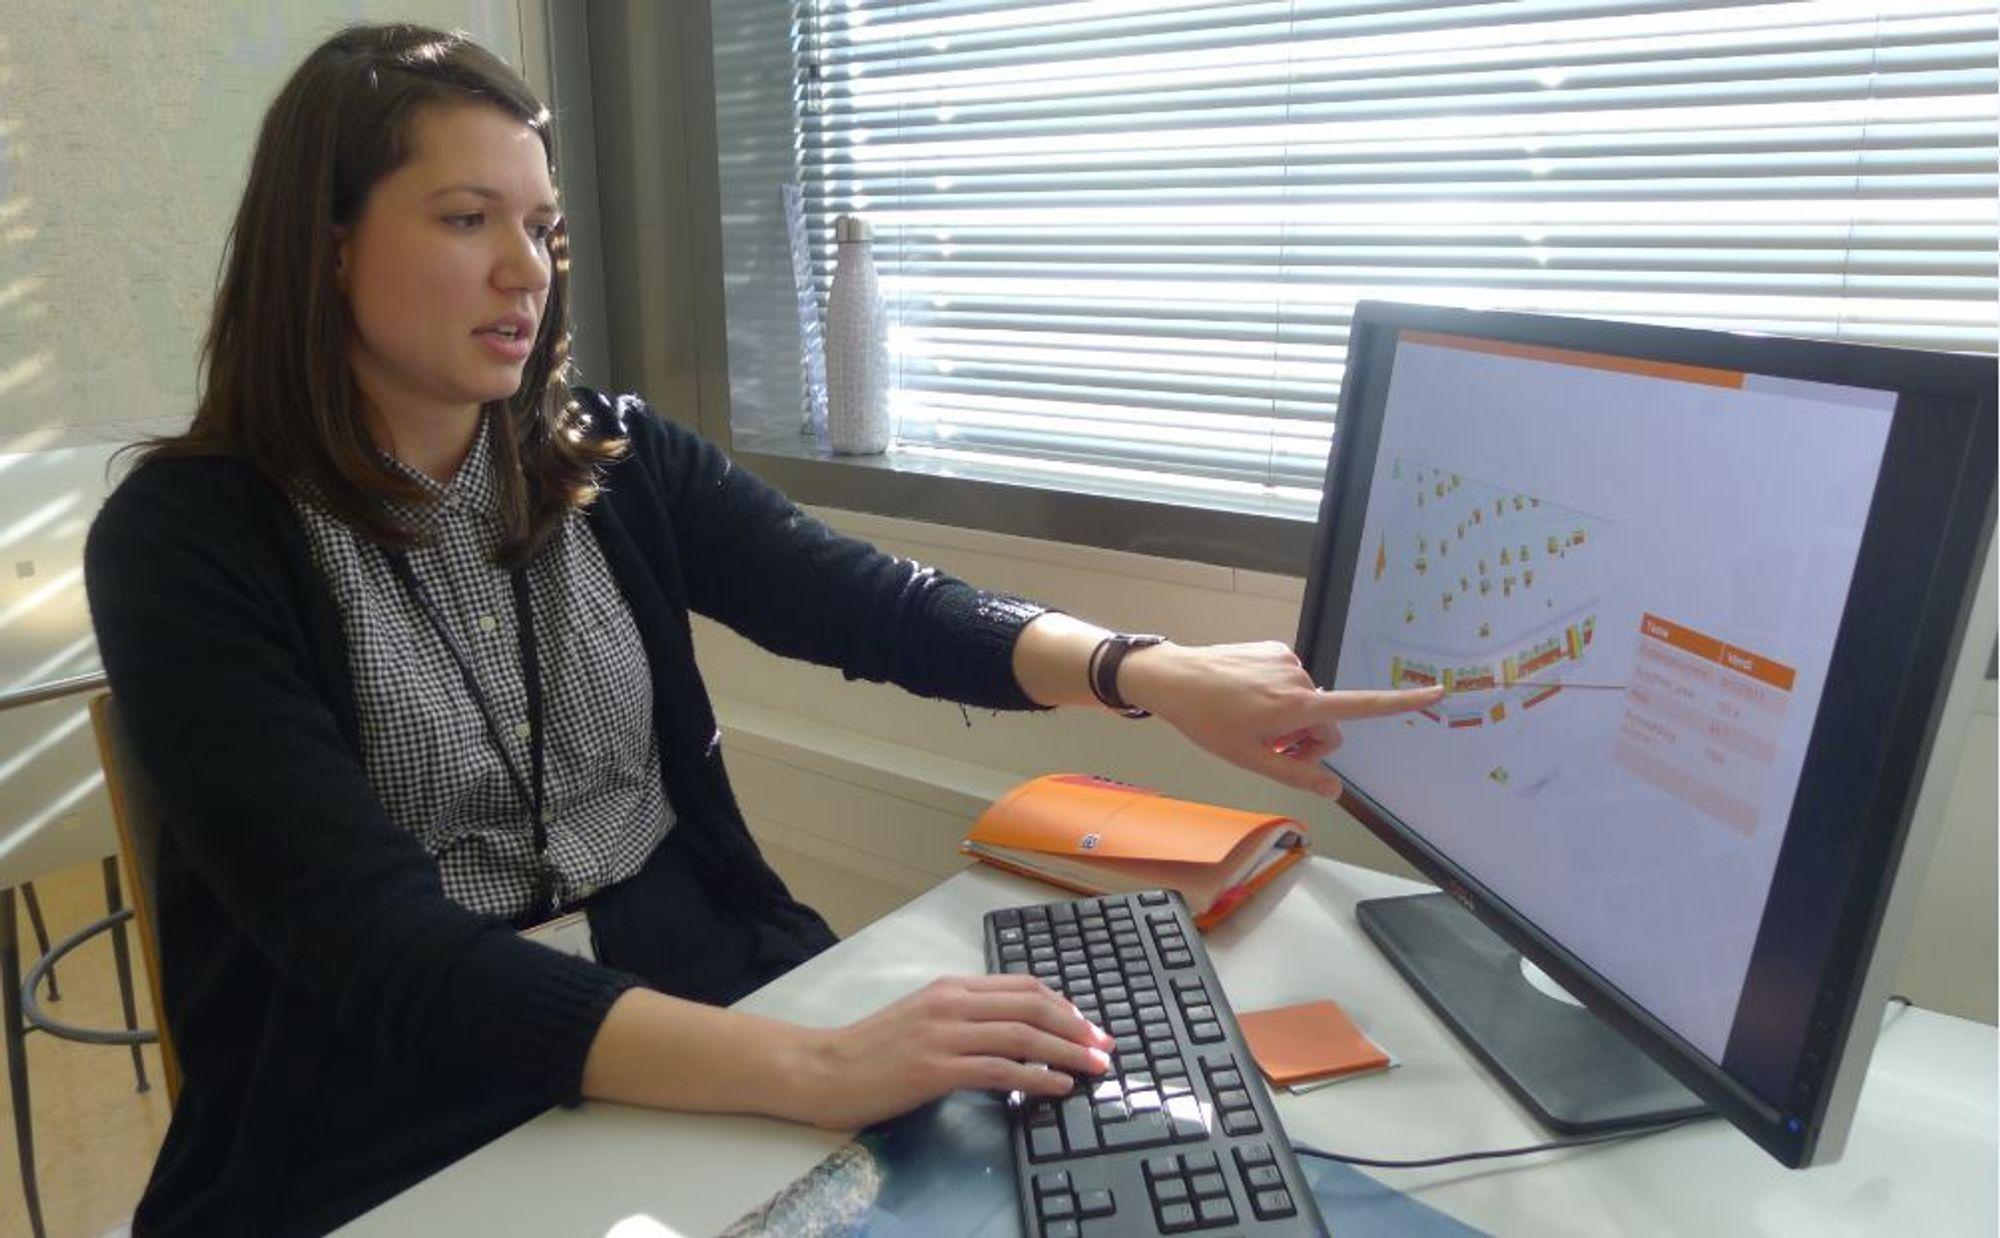 Geodataingeniør Stefanie Adamou i Plan- og bygningsetaten viser hvor stor forskjell i solinnstråling de ulike delene av ett og samme hustak kan ha. Riktig plassering er avgjørende for hvor mye strøm solcellene vil kunne produsere.